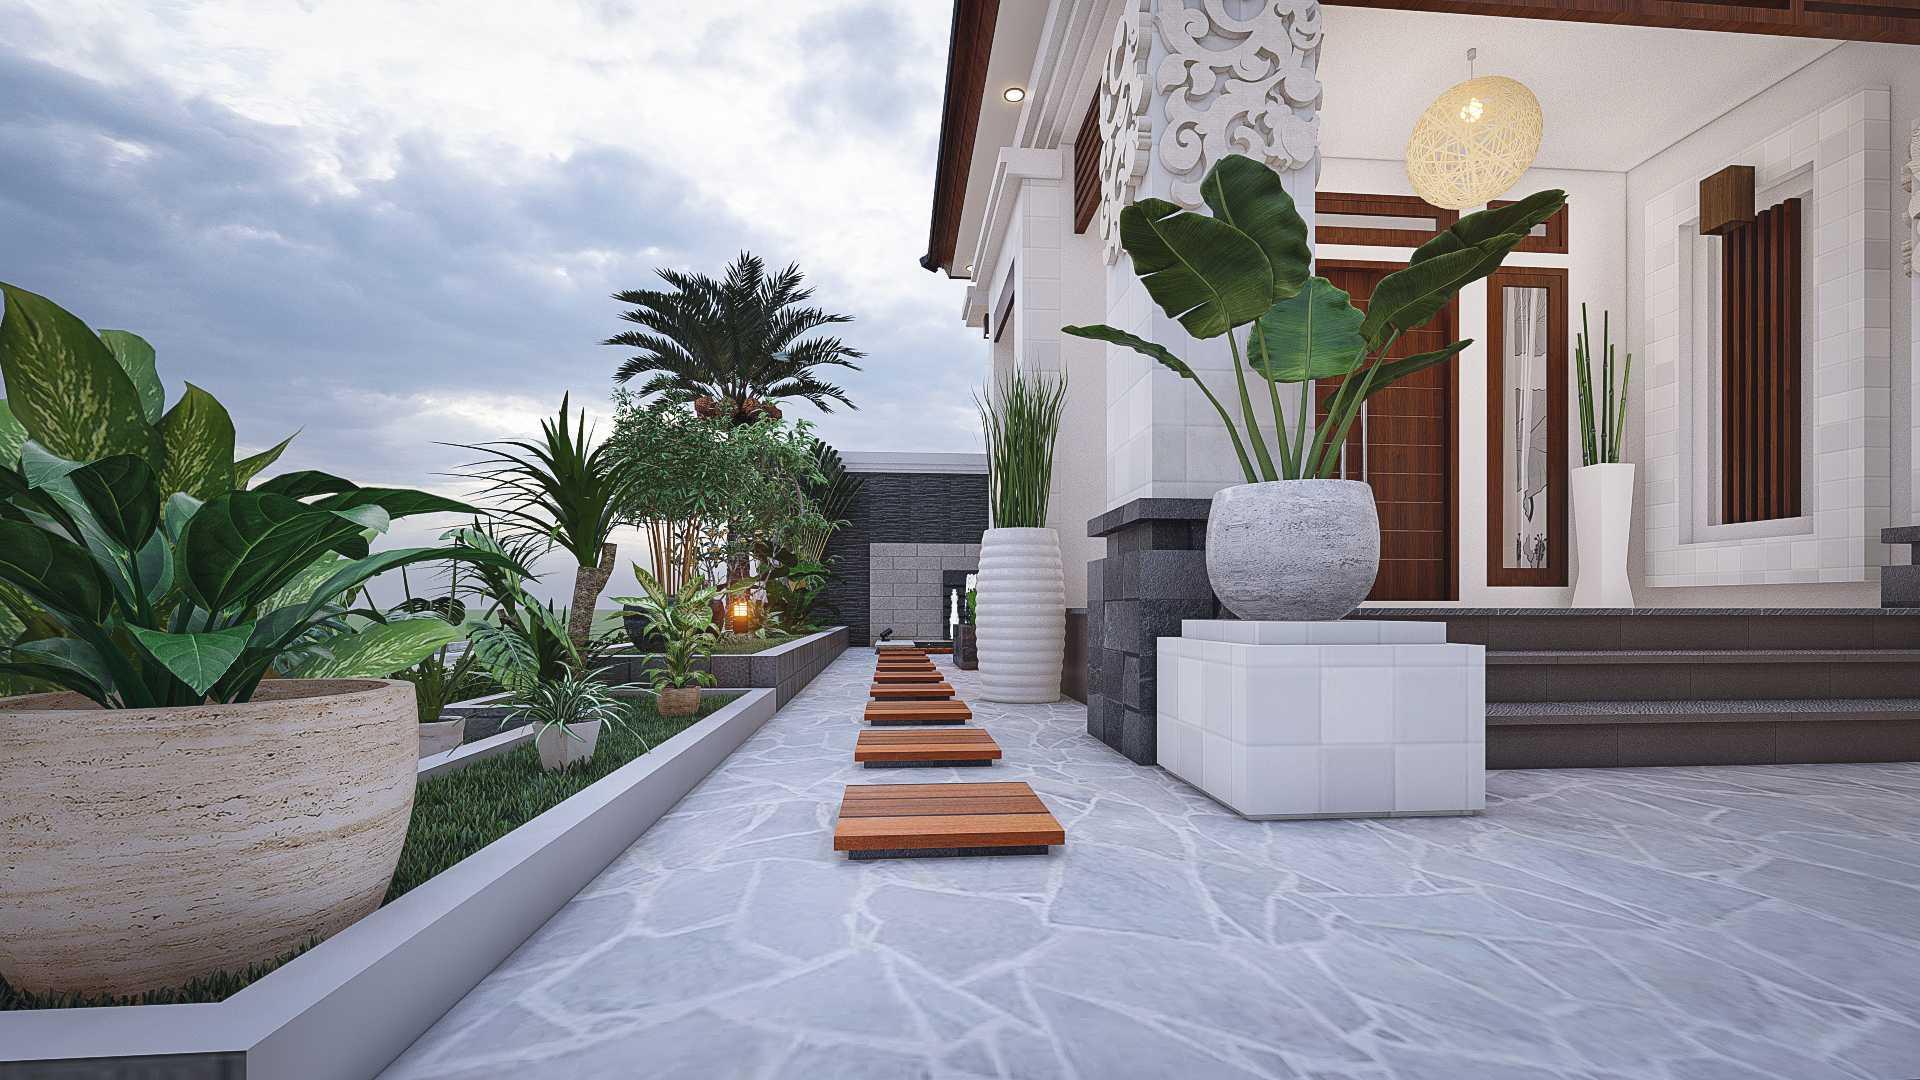 Bimasaka Arsitek & Kontruksi Desain Fasad Bali, Indonesia Bali, Indonesia Bimasaka-Arsitek-Kontruksi-Desain-Fasad   116787